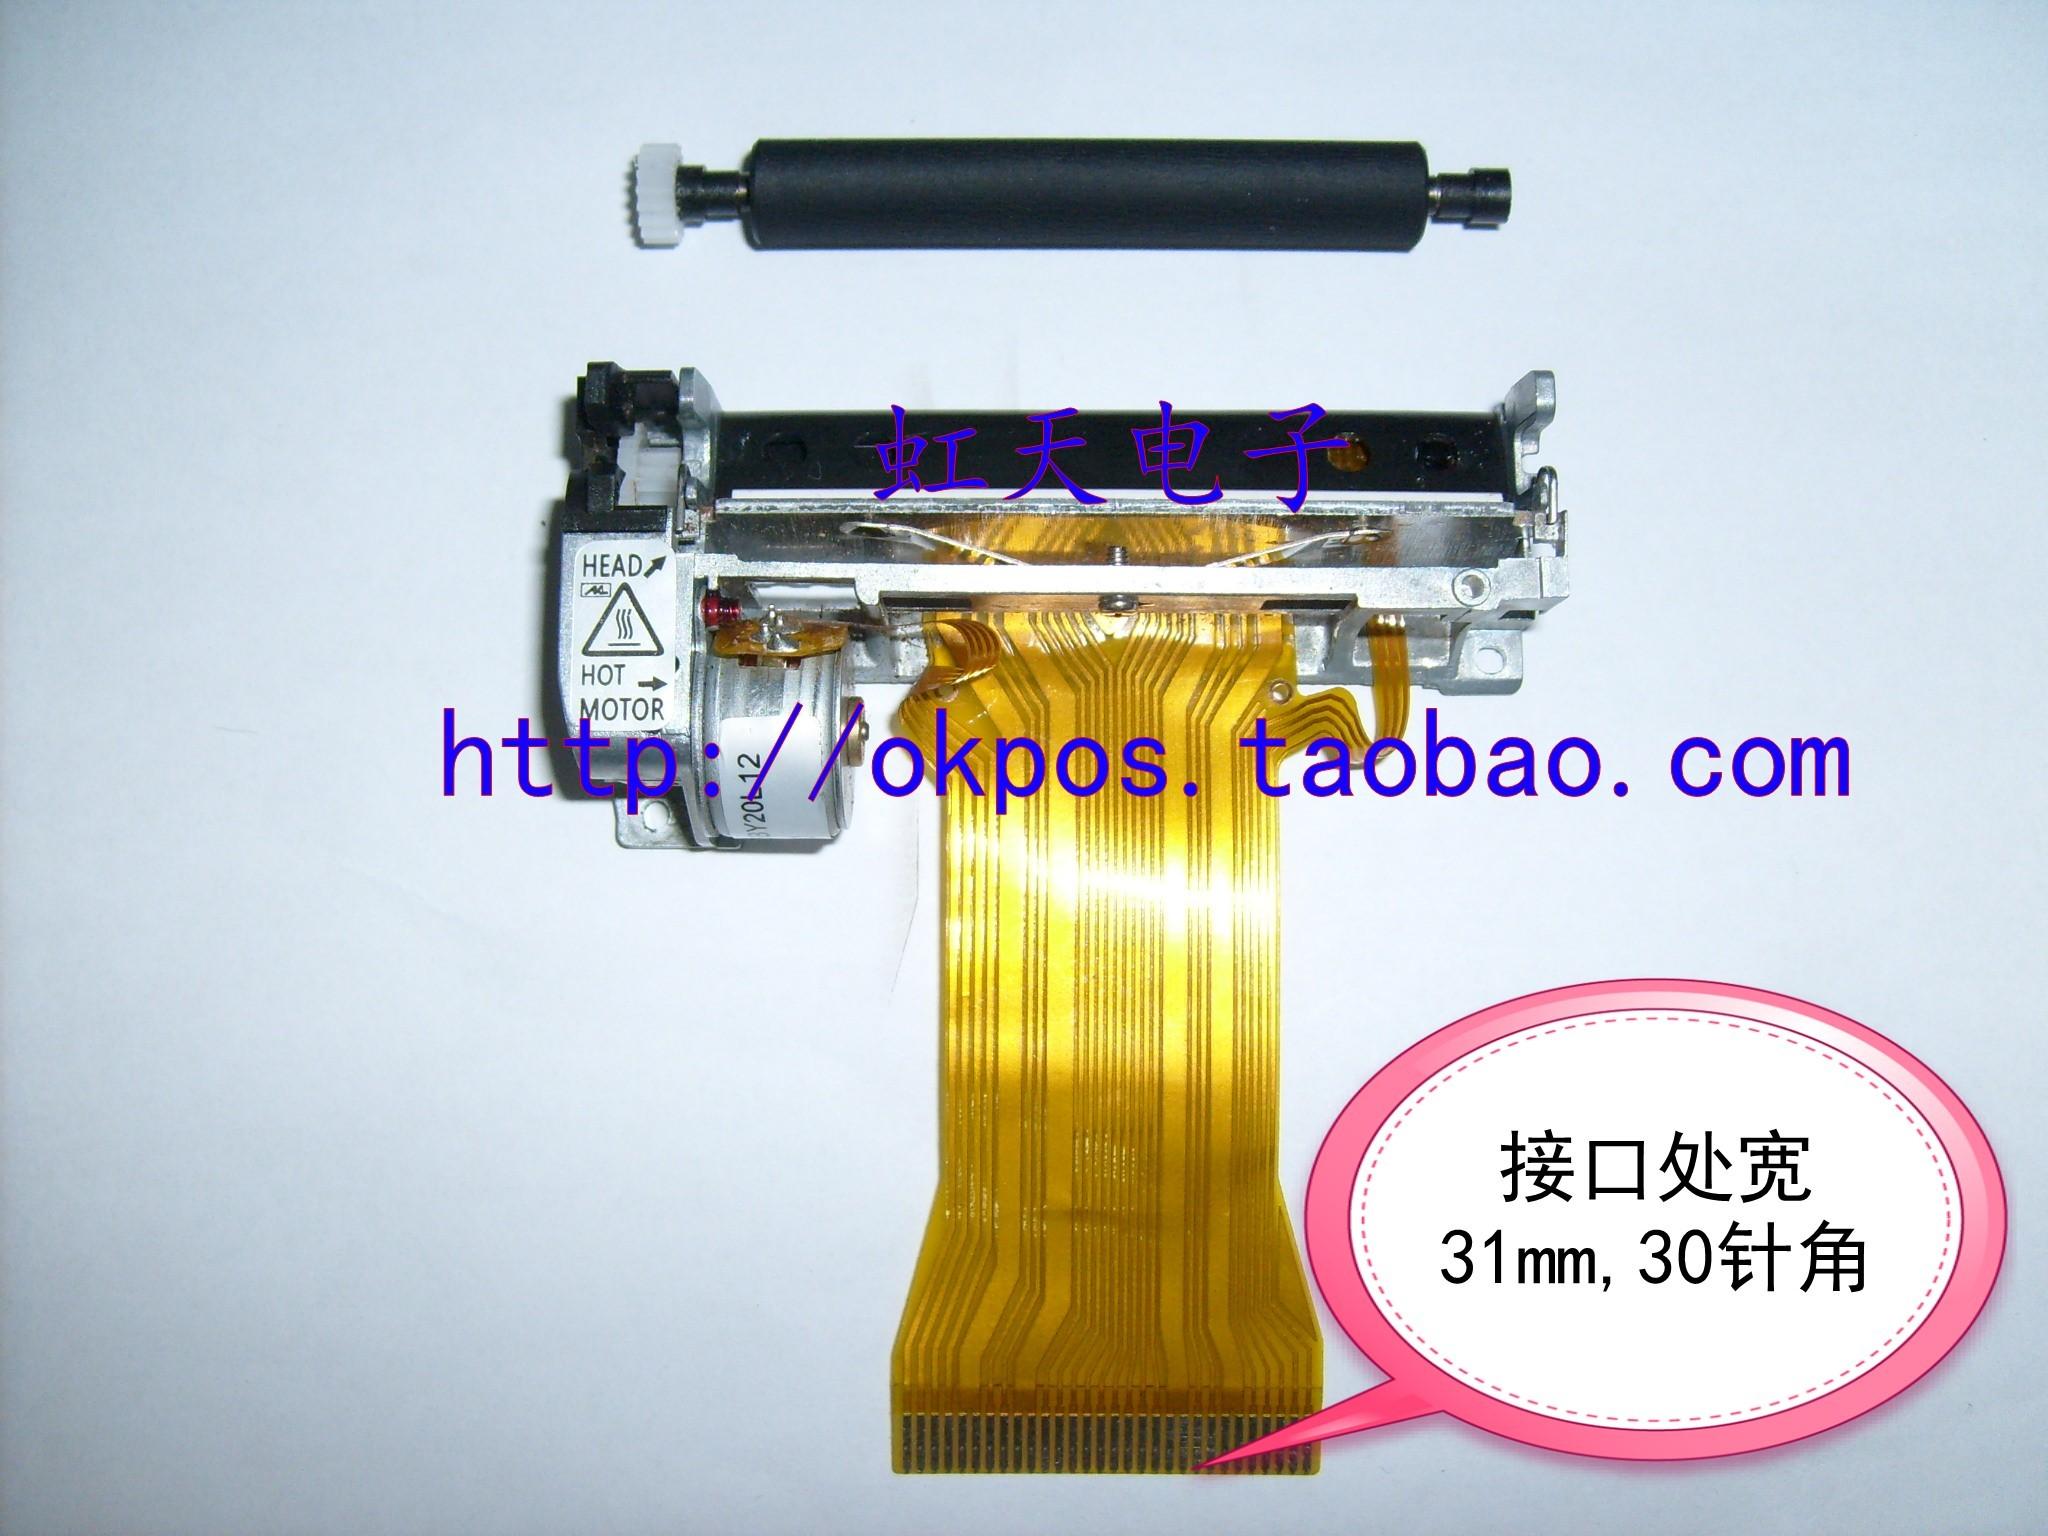 龙飞LF300 收银机打印头 HT-6300 打印头(满10送1,包邮)